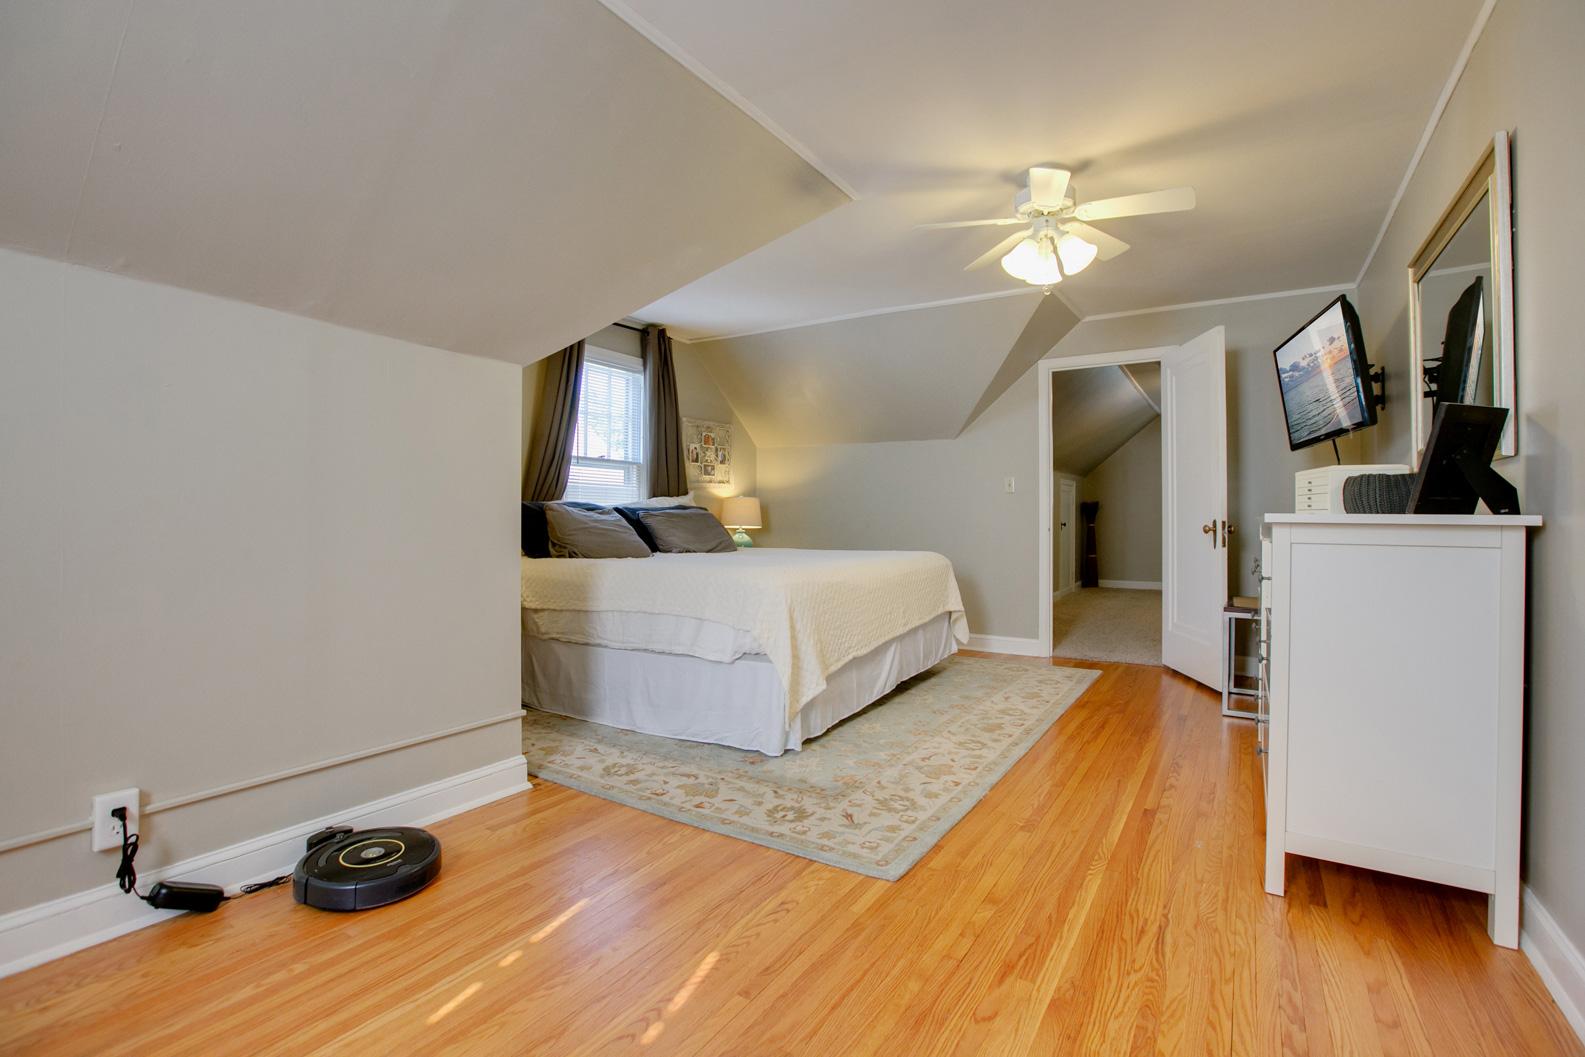 2nd level master bedroom